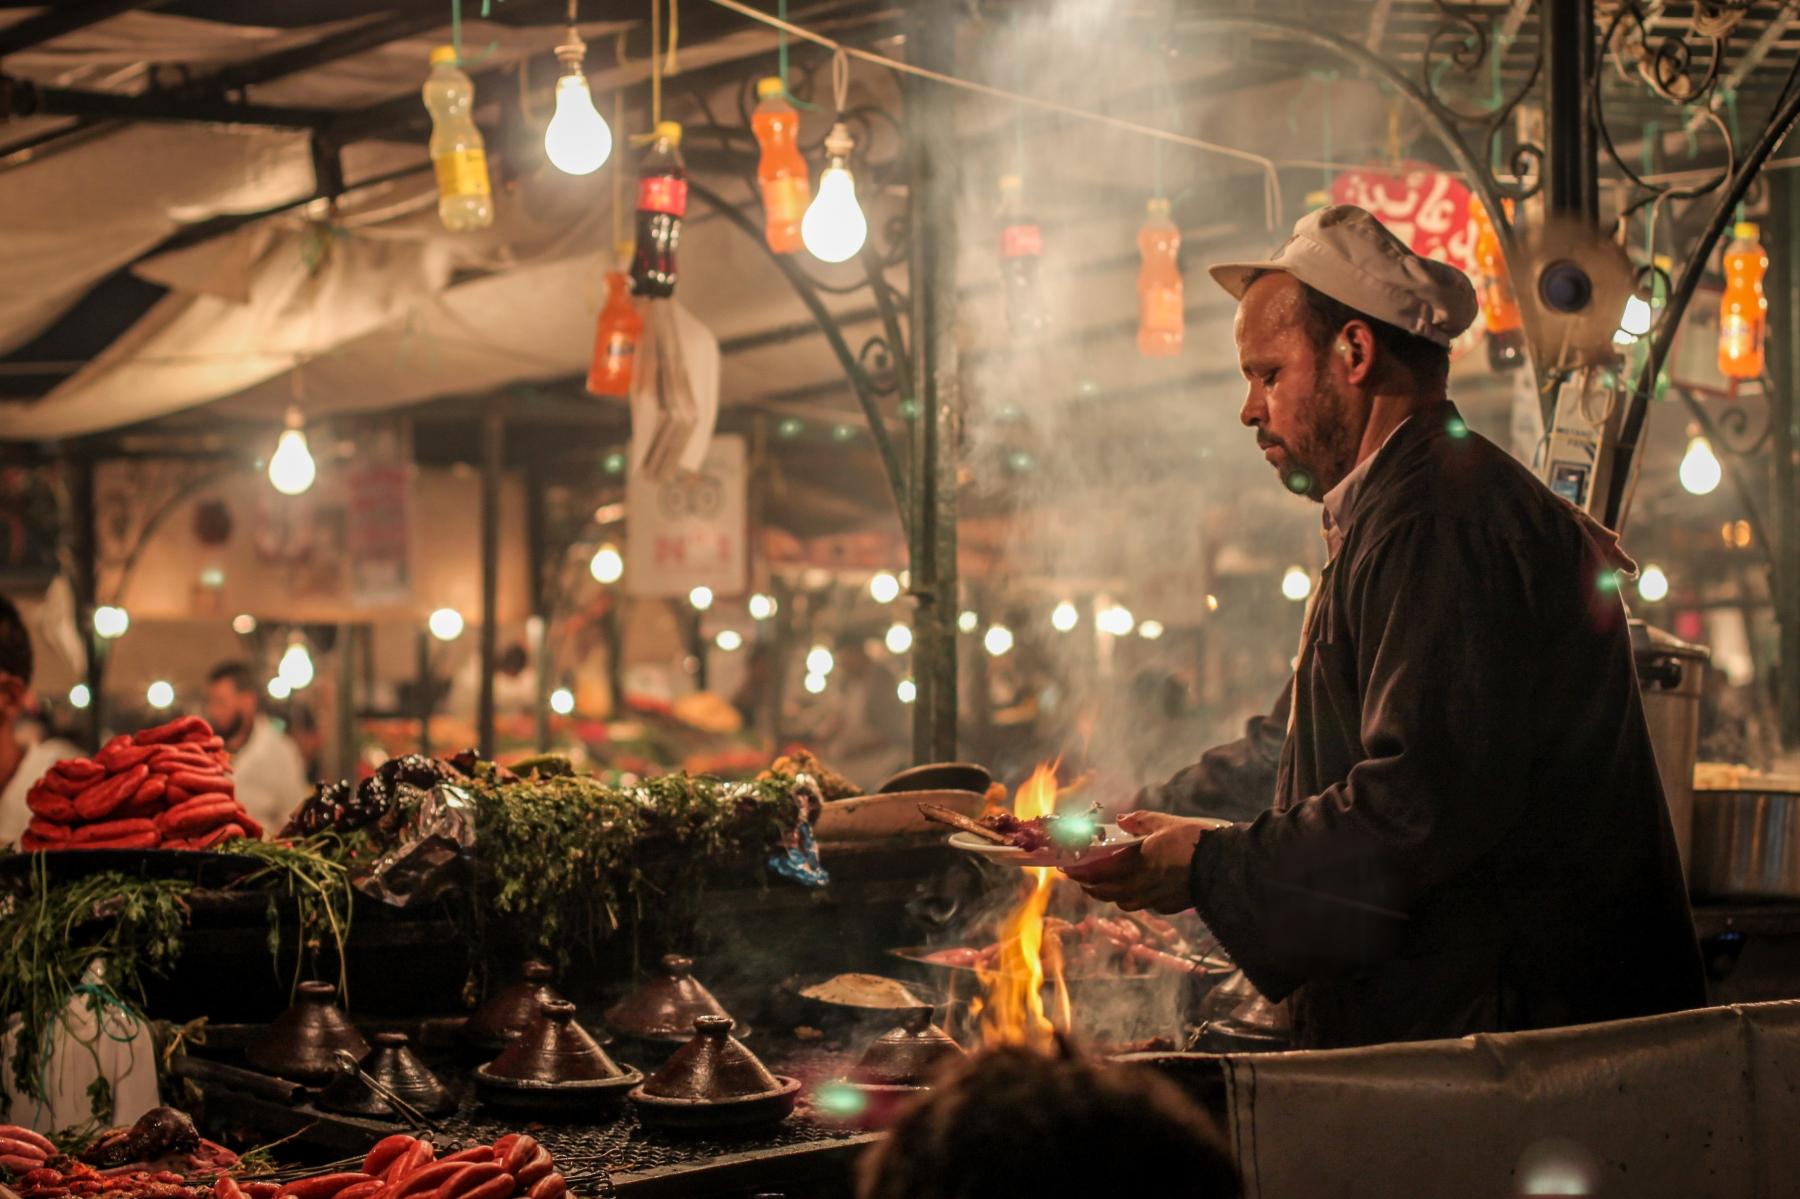 Manger une tajine ou un couscous sur la place Jemaa el-Fnaa à Marrakech au Maroc